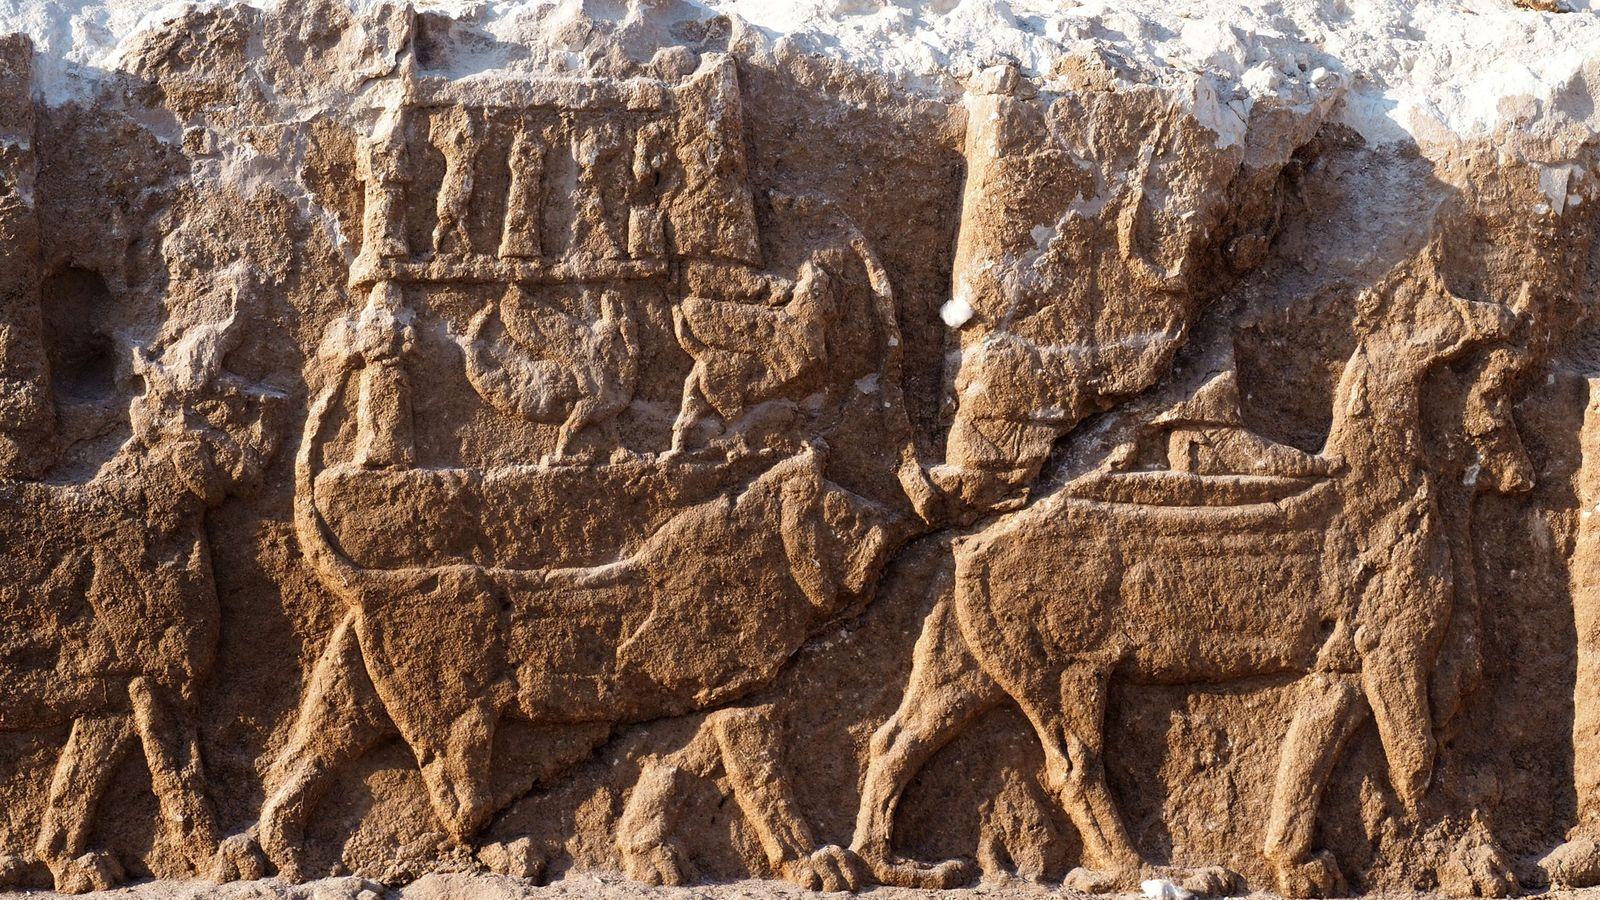 Relevos antigos raramente encontrados fora de palácios retratam uma procissão de deuses assírios, incluindo a divindade ...